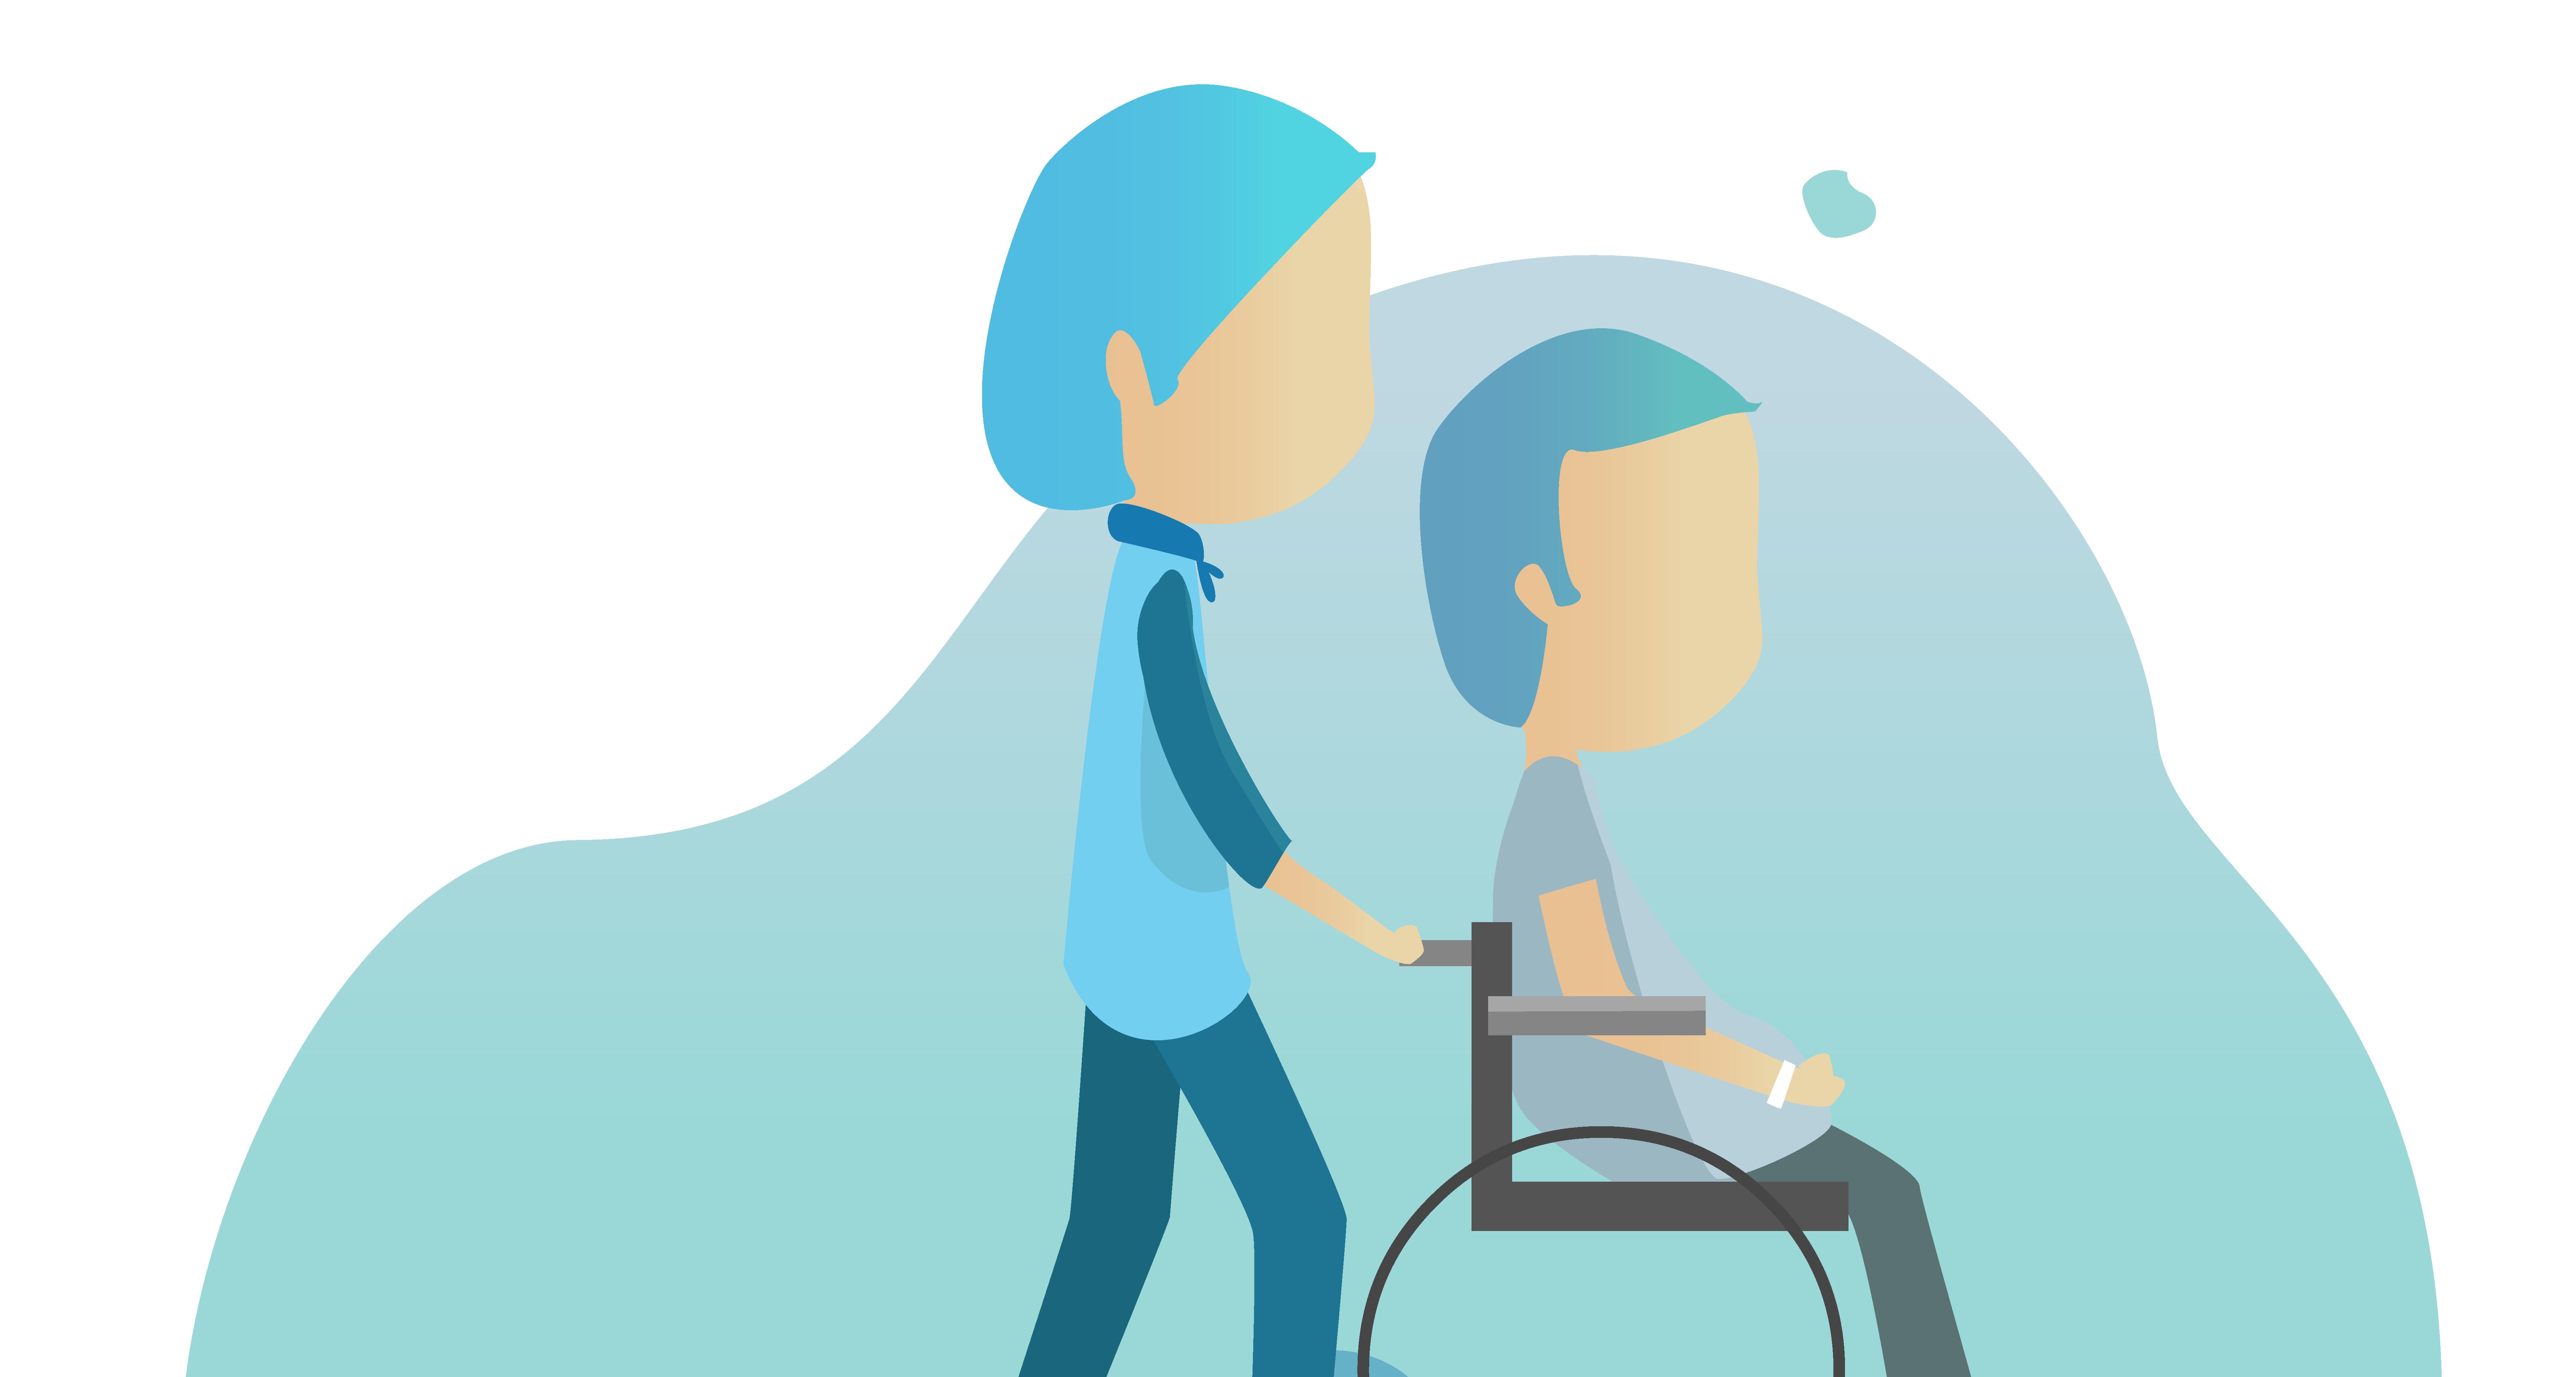 IntelligentCARE tilbyder en sikker alarmtryks og sikkerhedsløsning til borgere med handicap